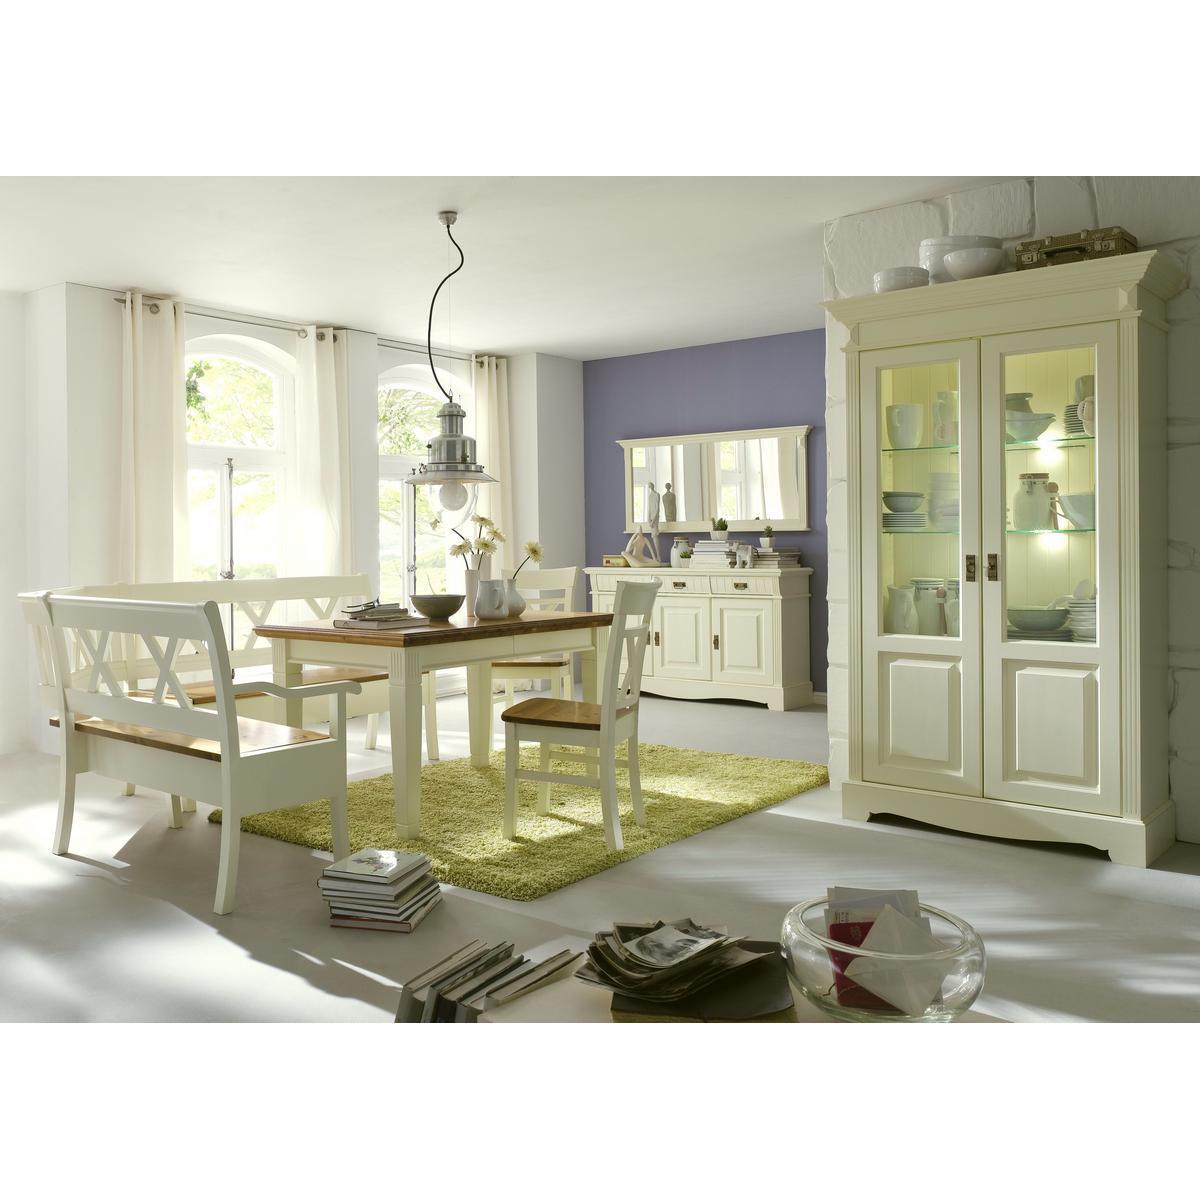 Esszimmer Landhausstil Mit Eckbank ~ Esszimmer komplett Kiefer massiv 2farbig weiß goldbraun Landhausstil